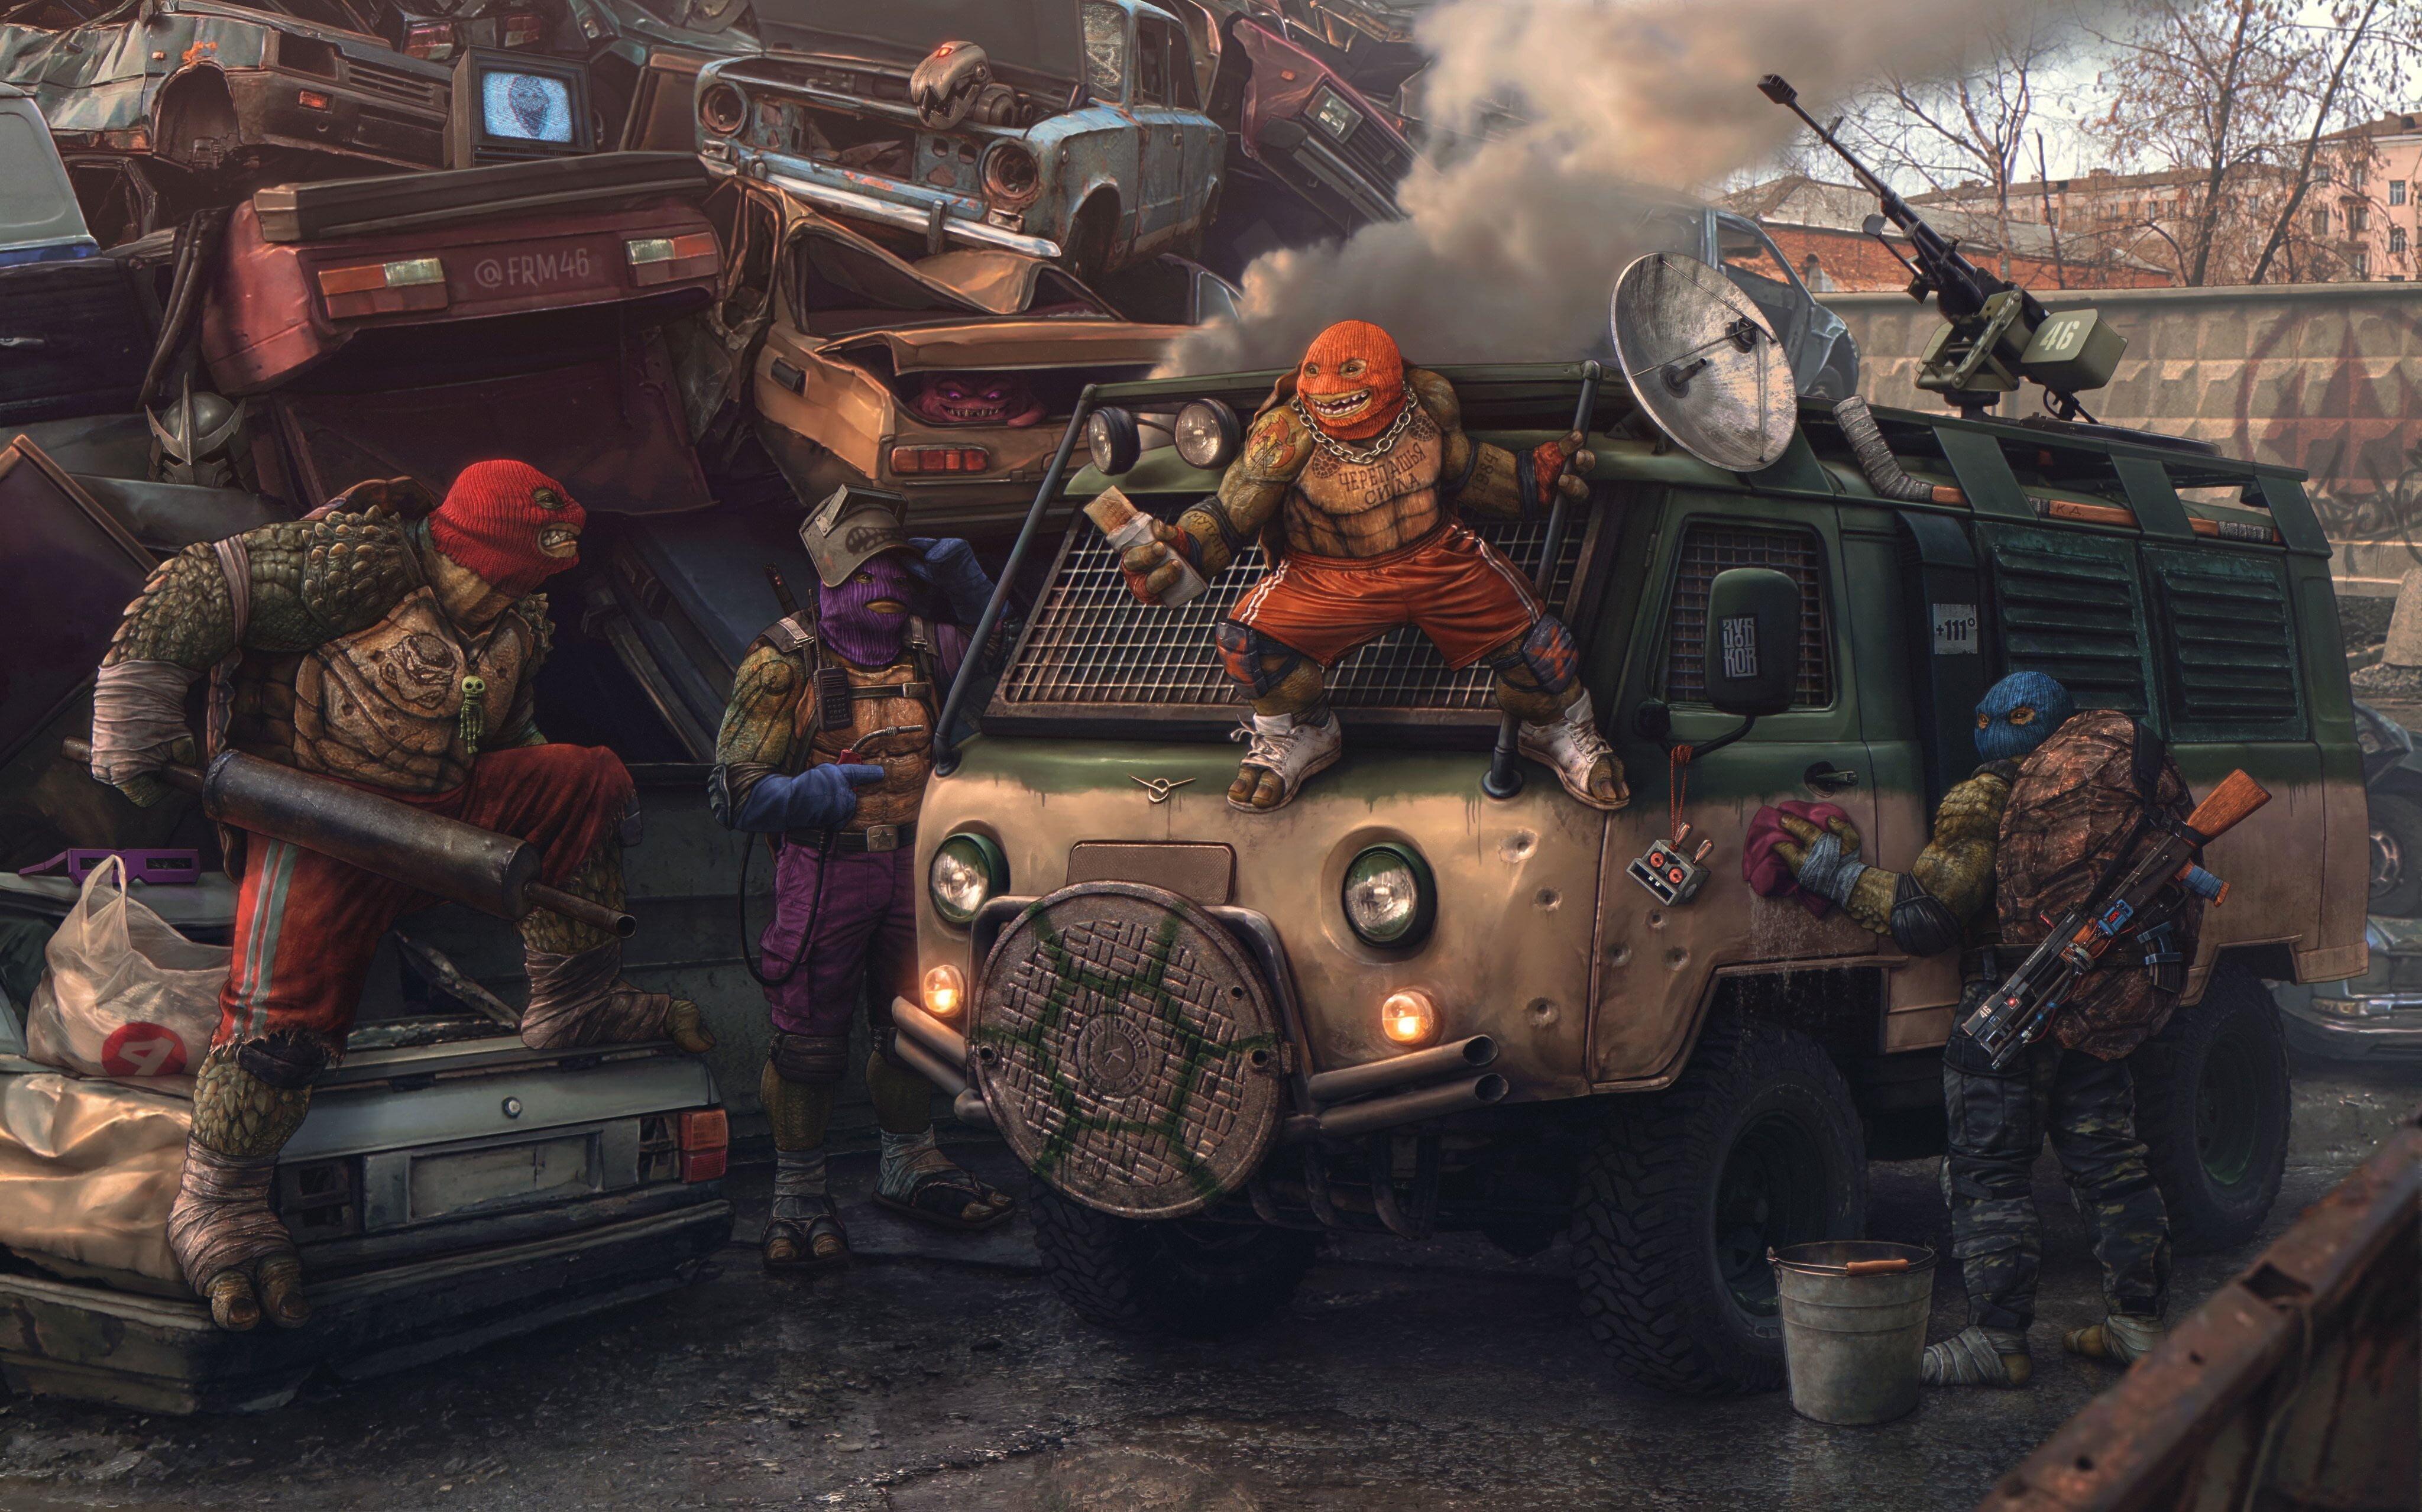 """""""Русские Черепашки-ниндзя"""" - художник изобразил известных героев в стиле """"лихих 90-х"""""""